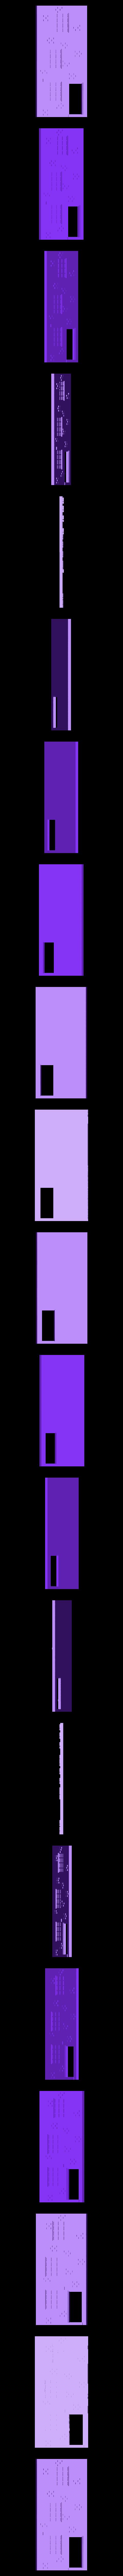 t_terr_bk1_1.stl Télécharger fichier STL gratuit Ripper's London - Maisons à haute hauteur • Design pour imprimante 3D, Earsling